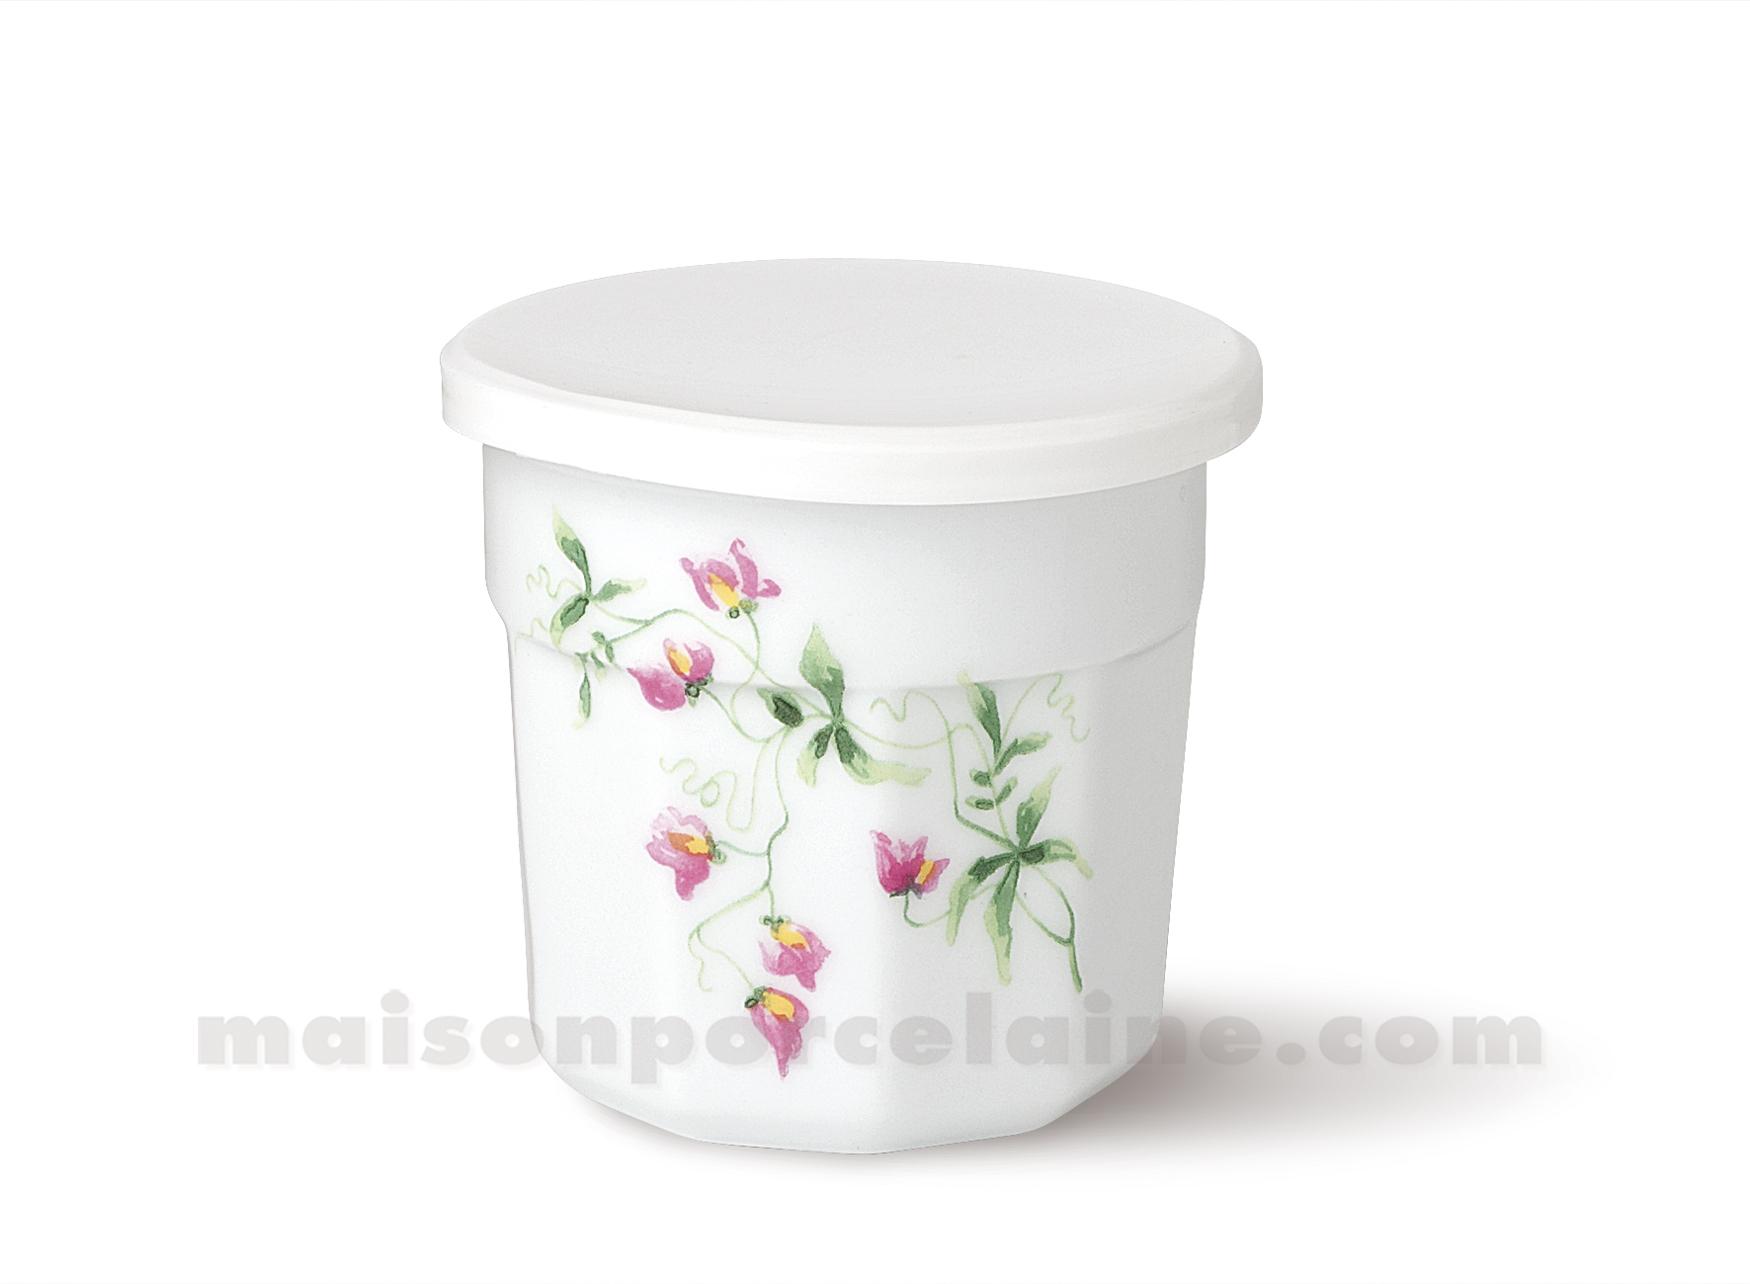 pot confiture couvercle plastique gm 95x10 350grsp maison de la porcelaine. Black Bedroom Furniture Sets. Home Design Ideas